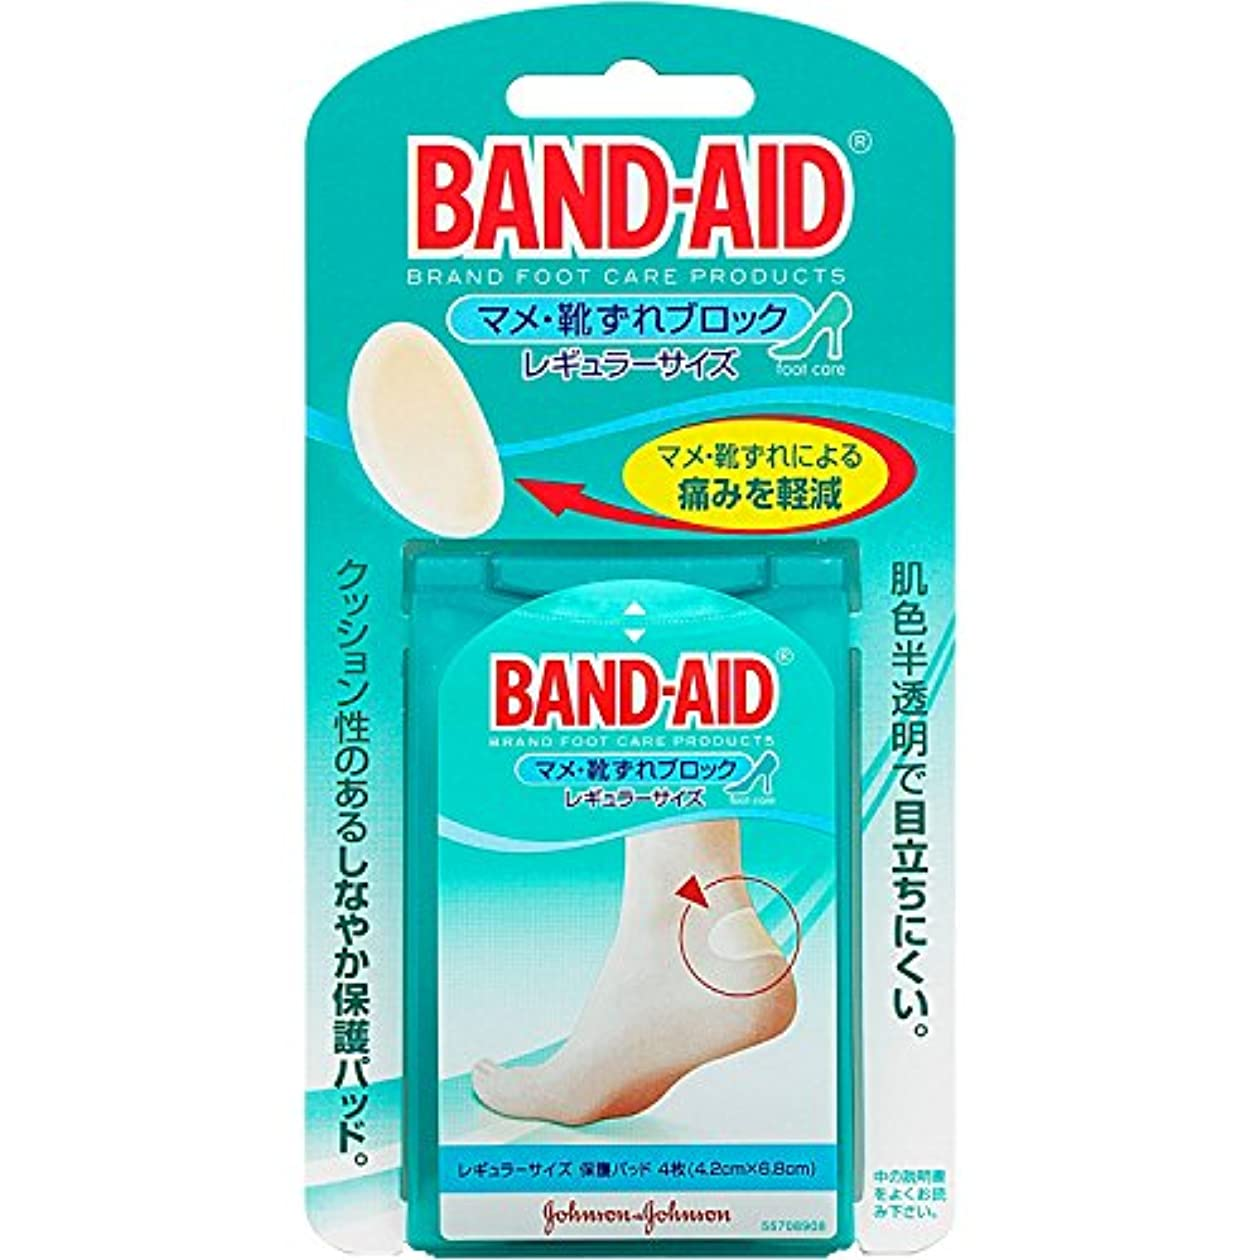 タンザニア前述の寄生虫BAND-AID(バンドエイド) マメ?靴ずれブロック レギュラーサイズ 4枚